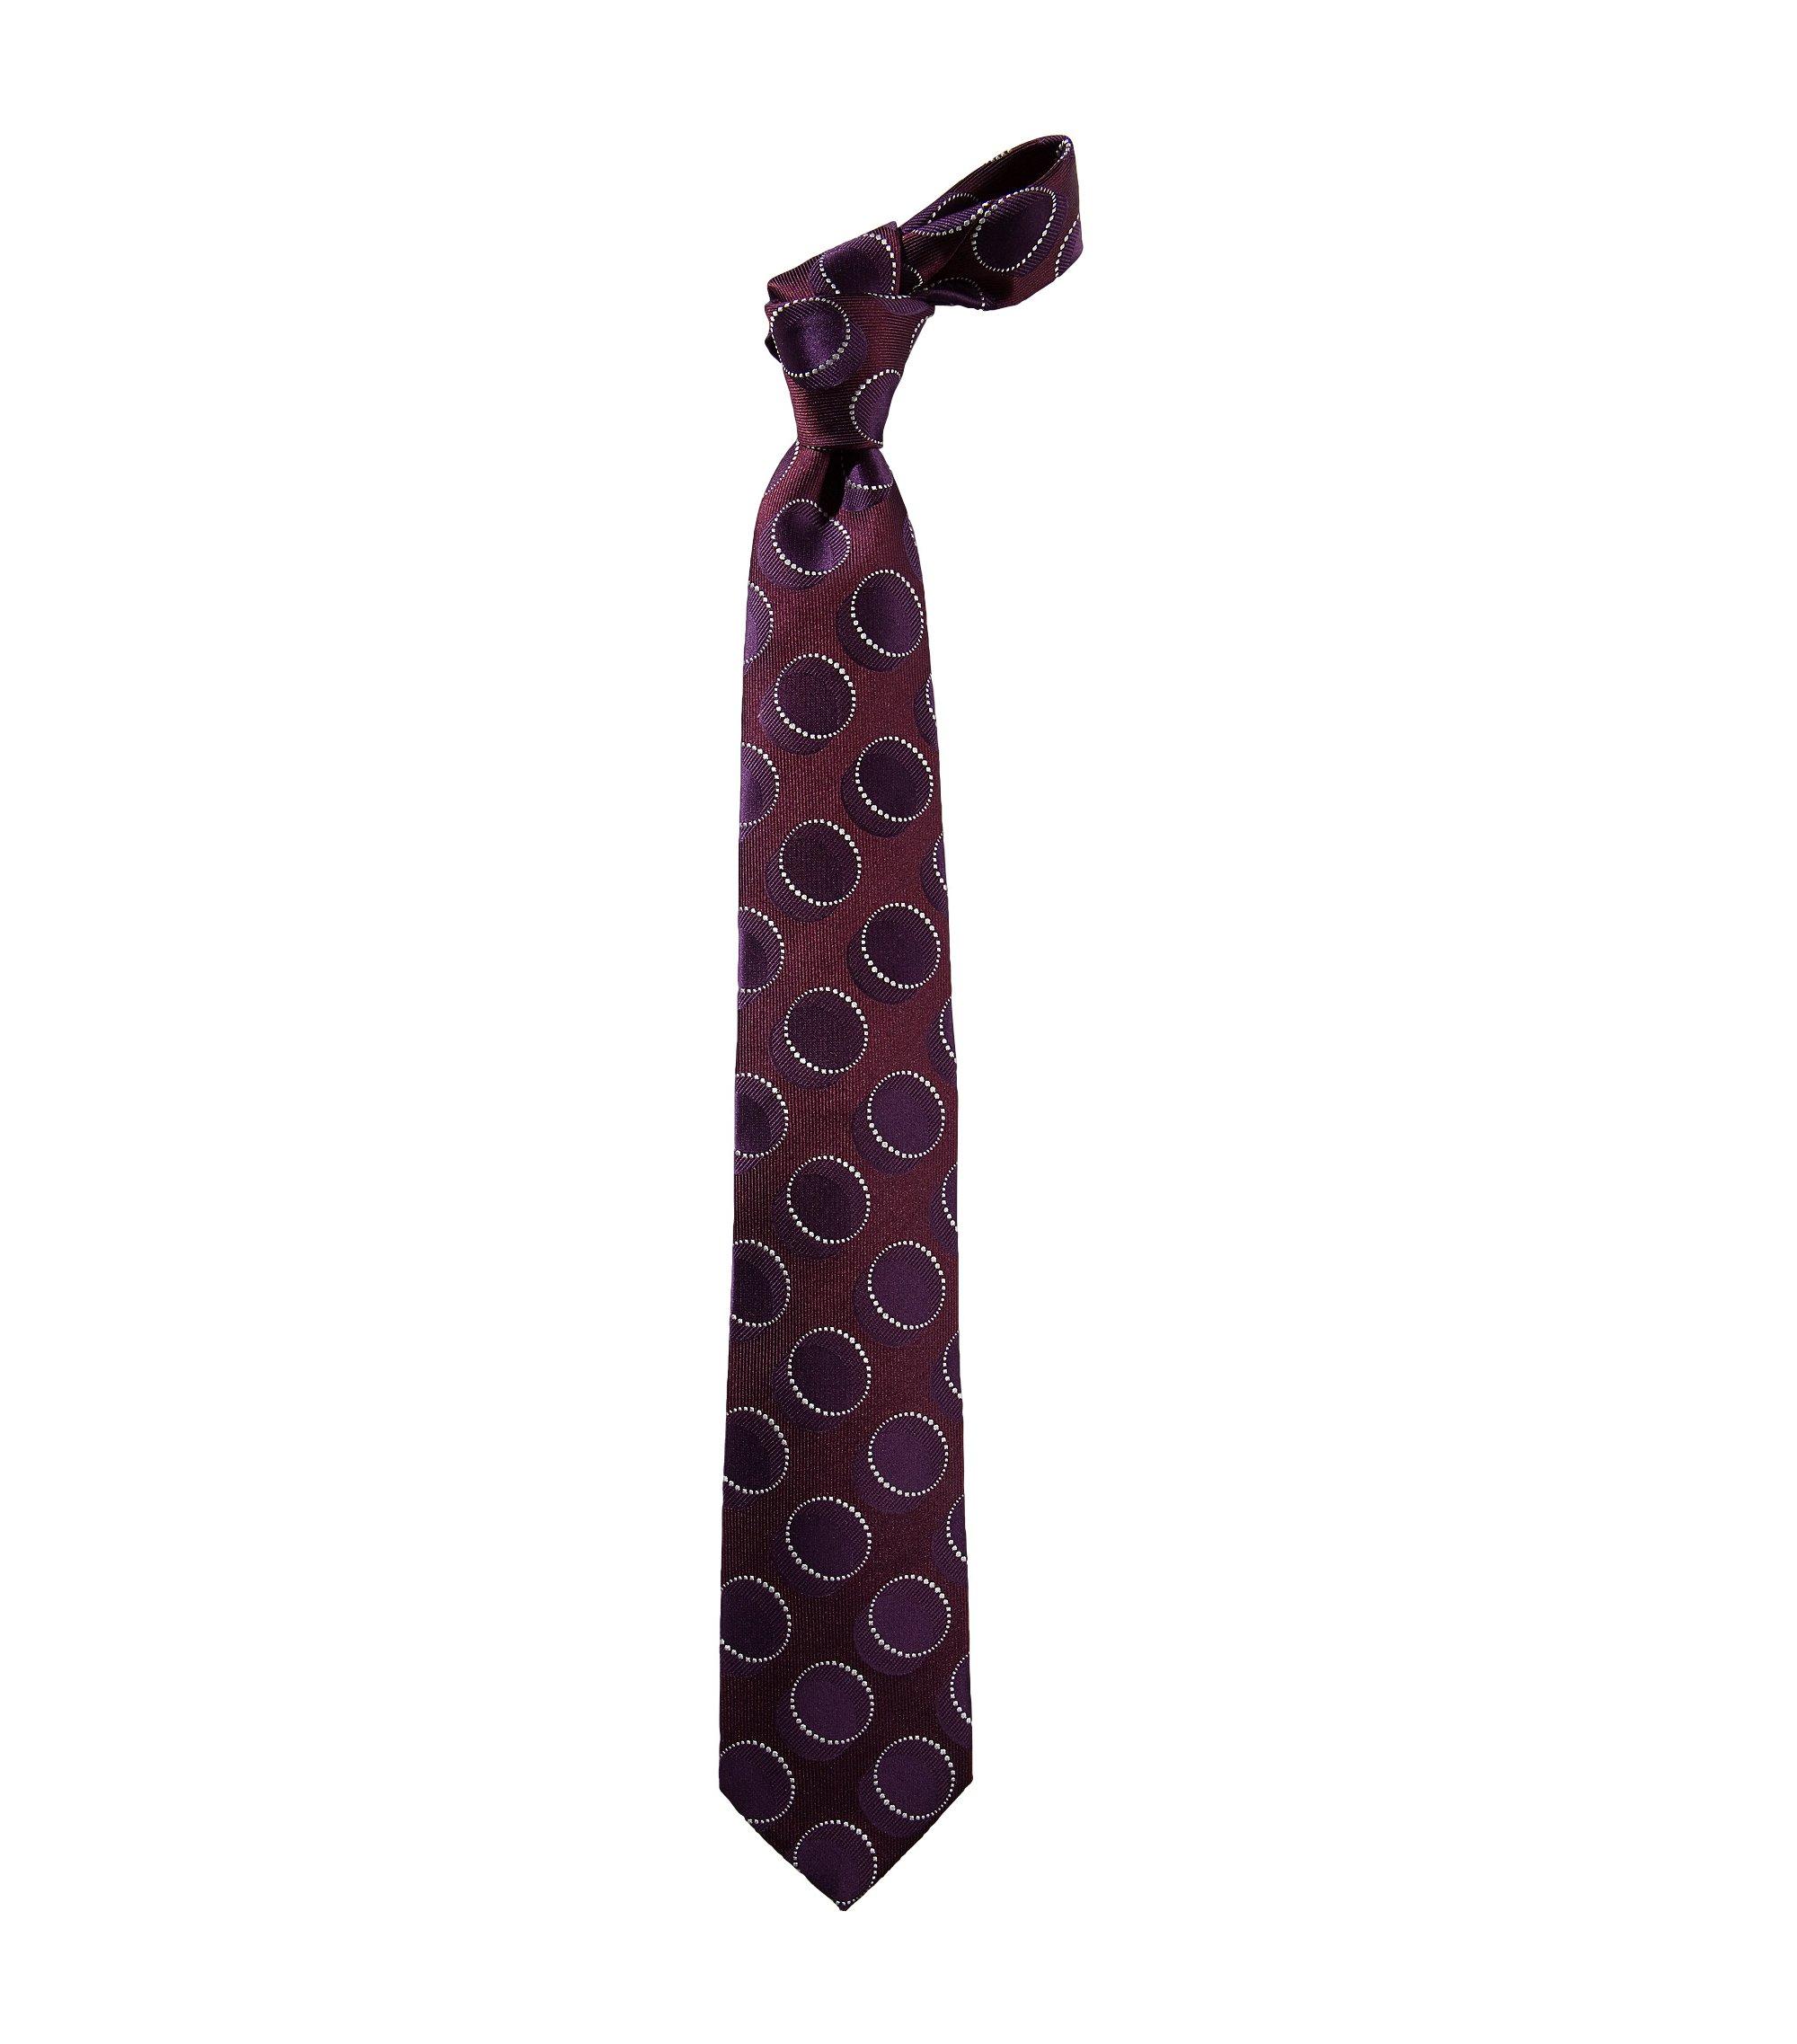 Cravate à motif rétro, Tie 7,5 cm, Violet foncé